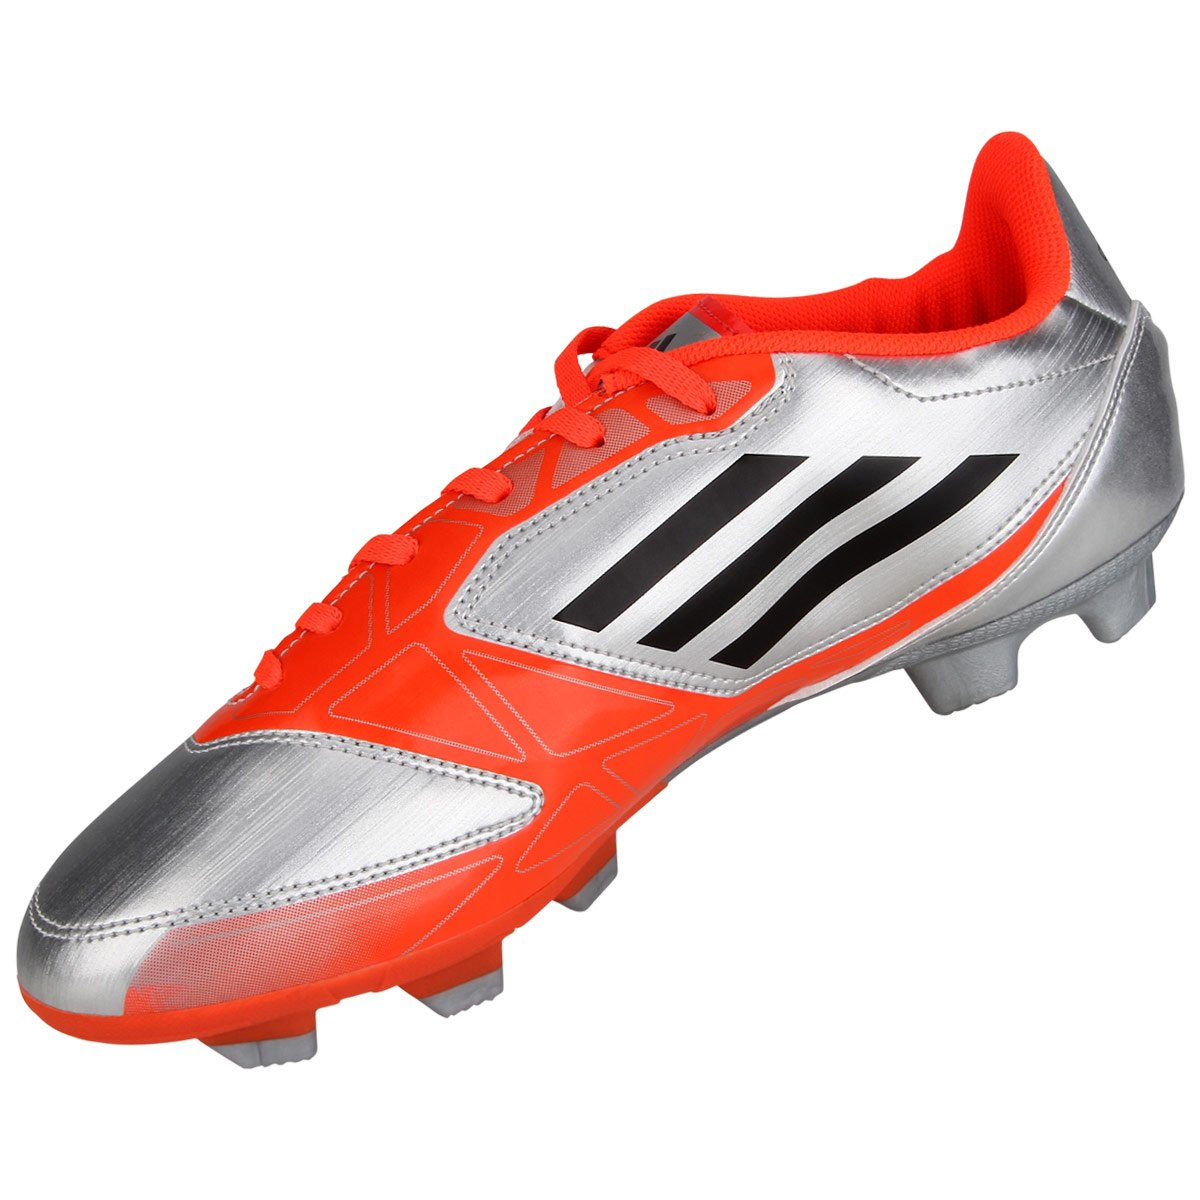 Chuteira Adidas F50 TRX FG - Compre Agora  9f6dde54a5040